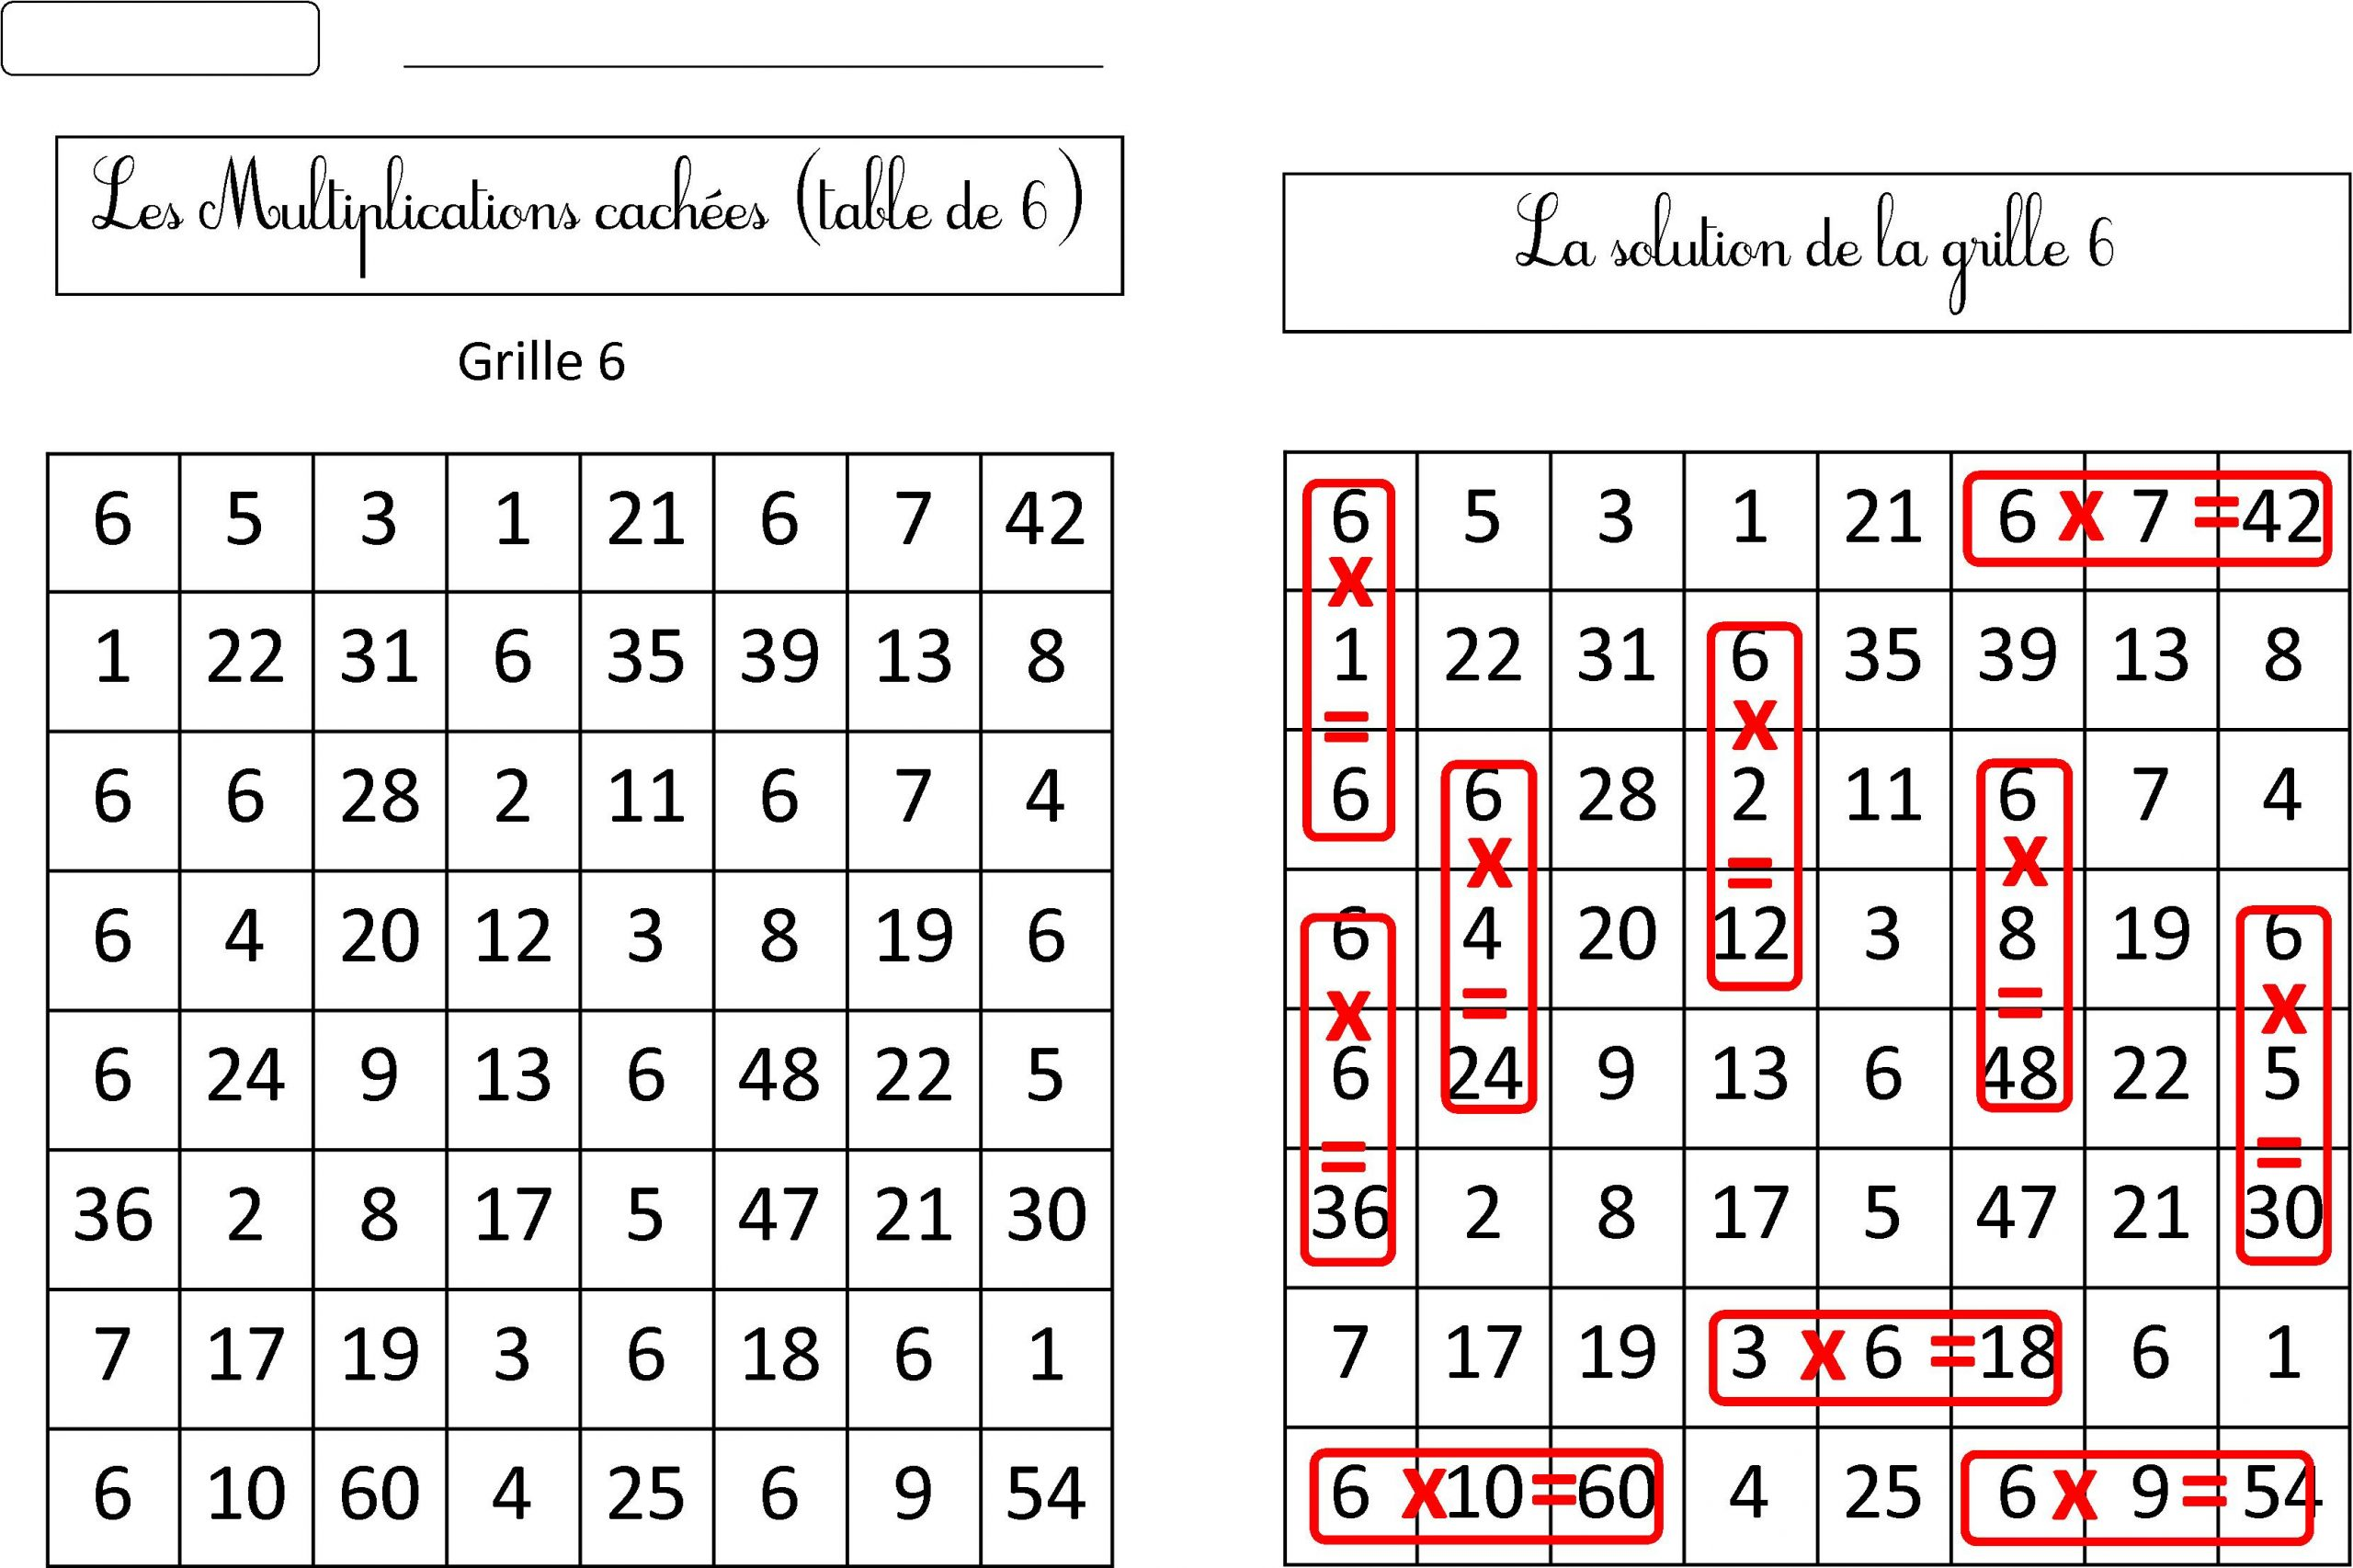 Nouvelles Grilles Multiplications Cachées Tables 6 7 8 9 encequiconcerne Mots Mélés Imprimer Pdf